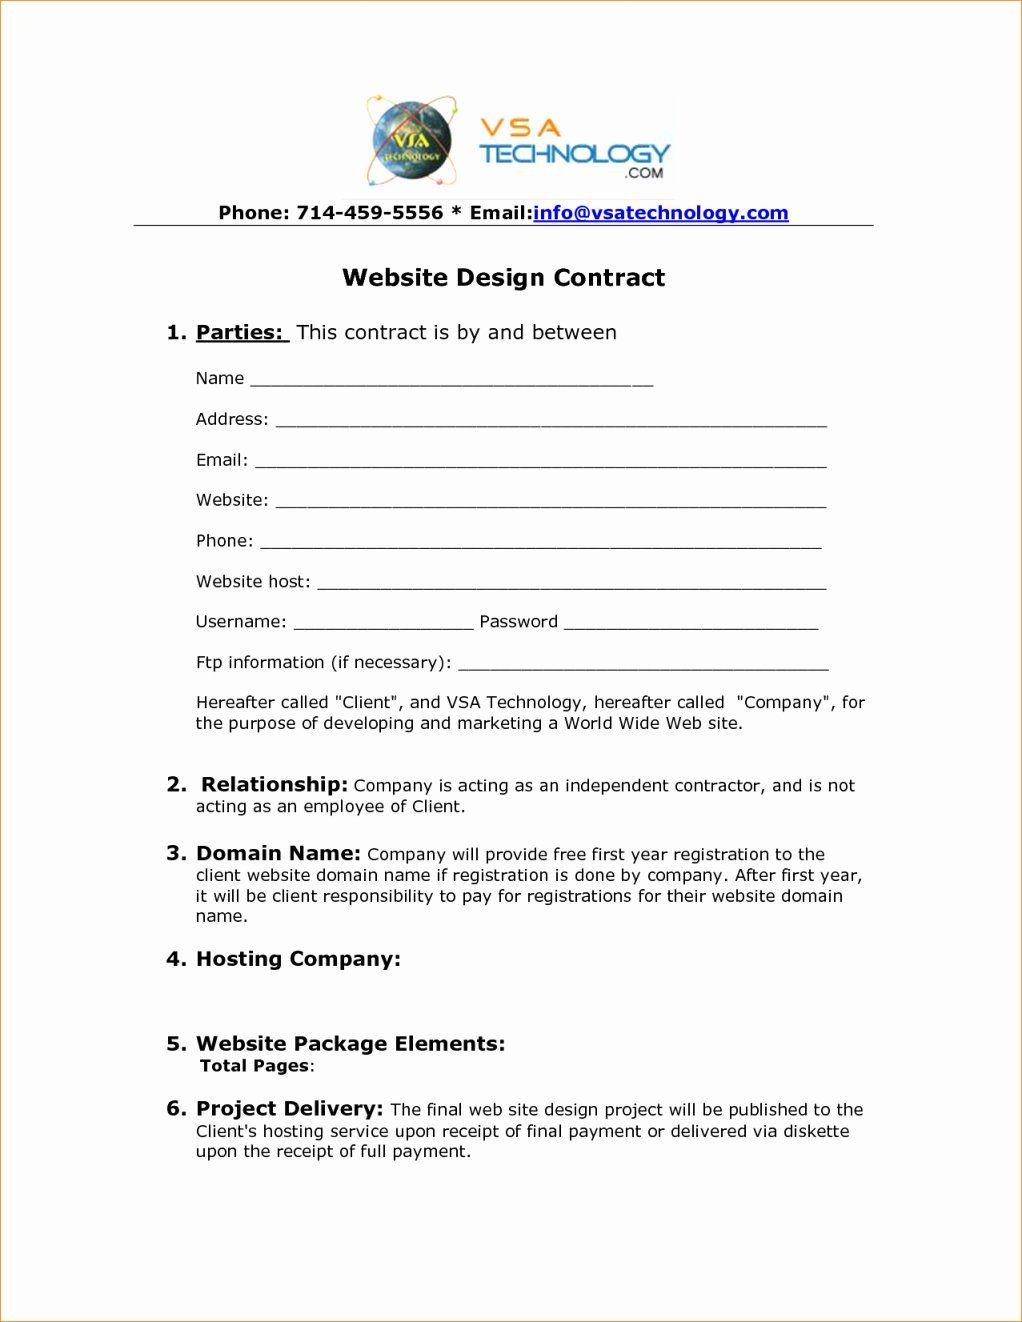 Website Development Agreement Template Inspirational Web Design